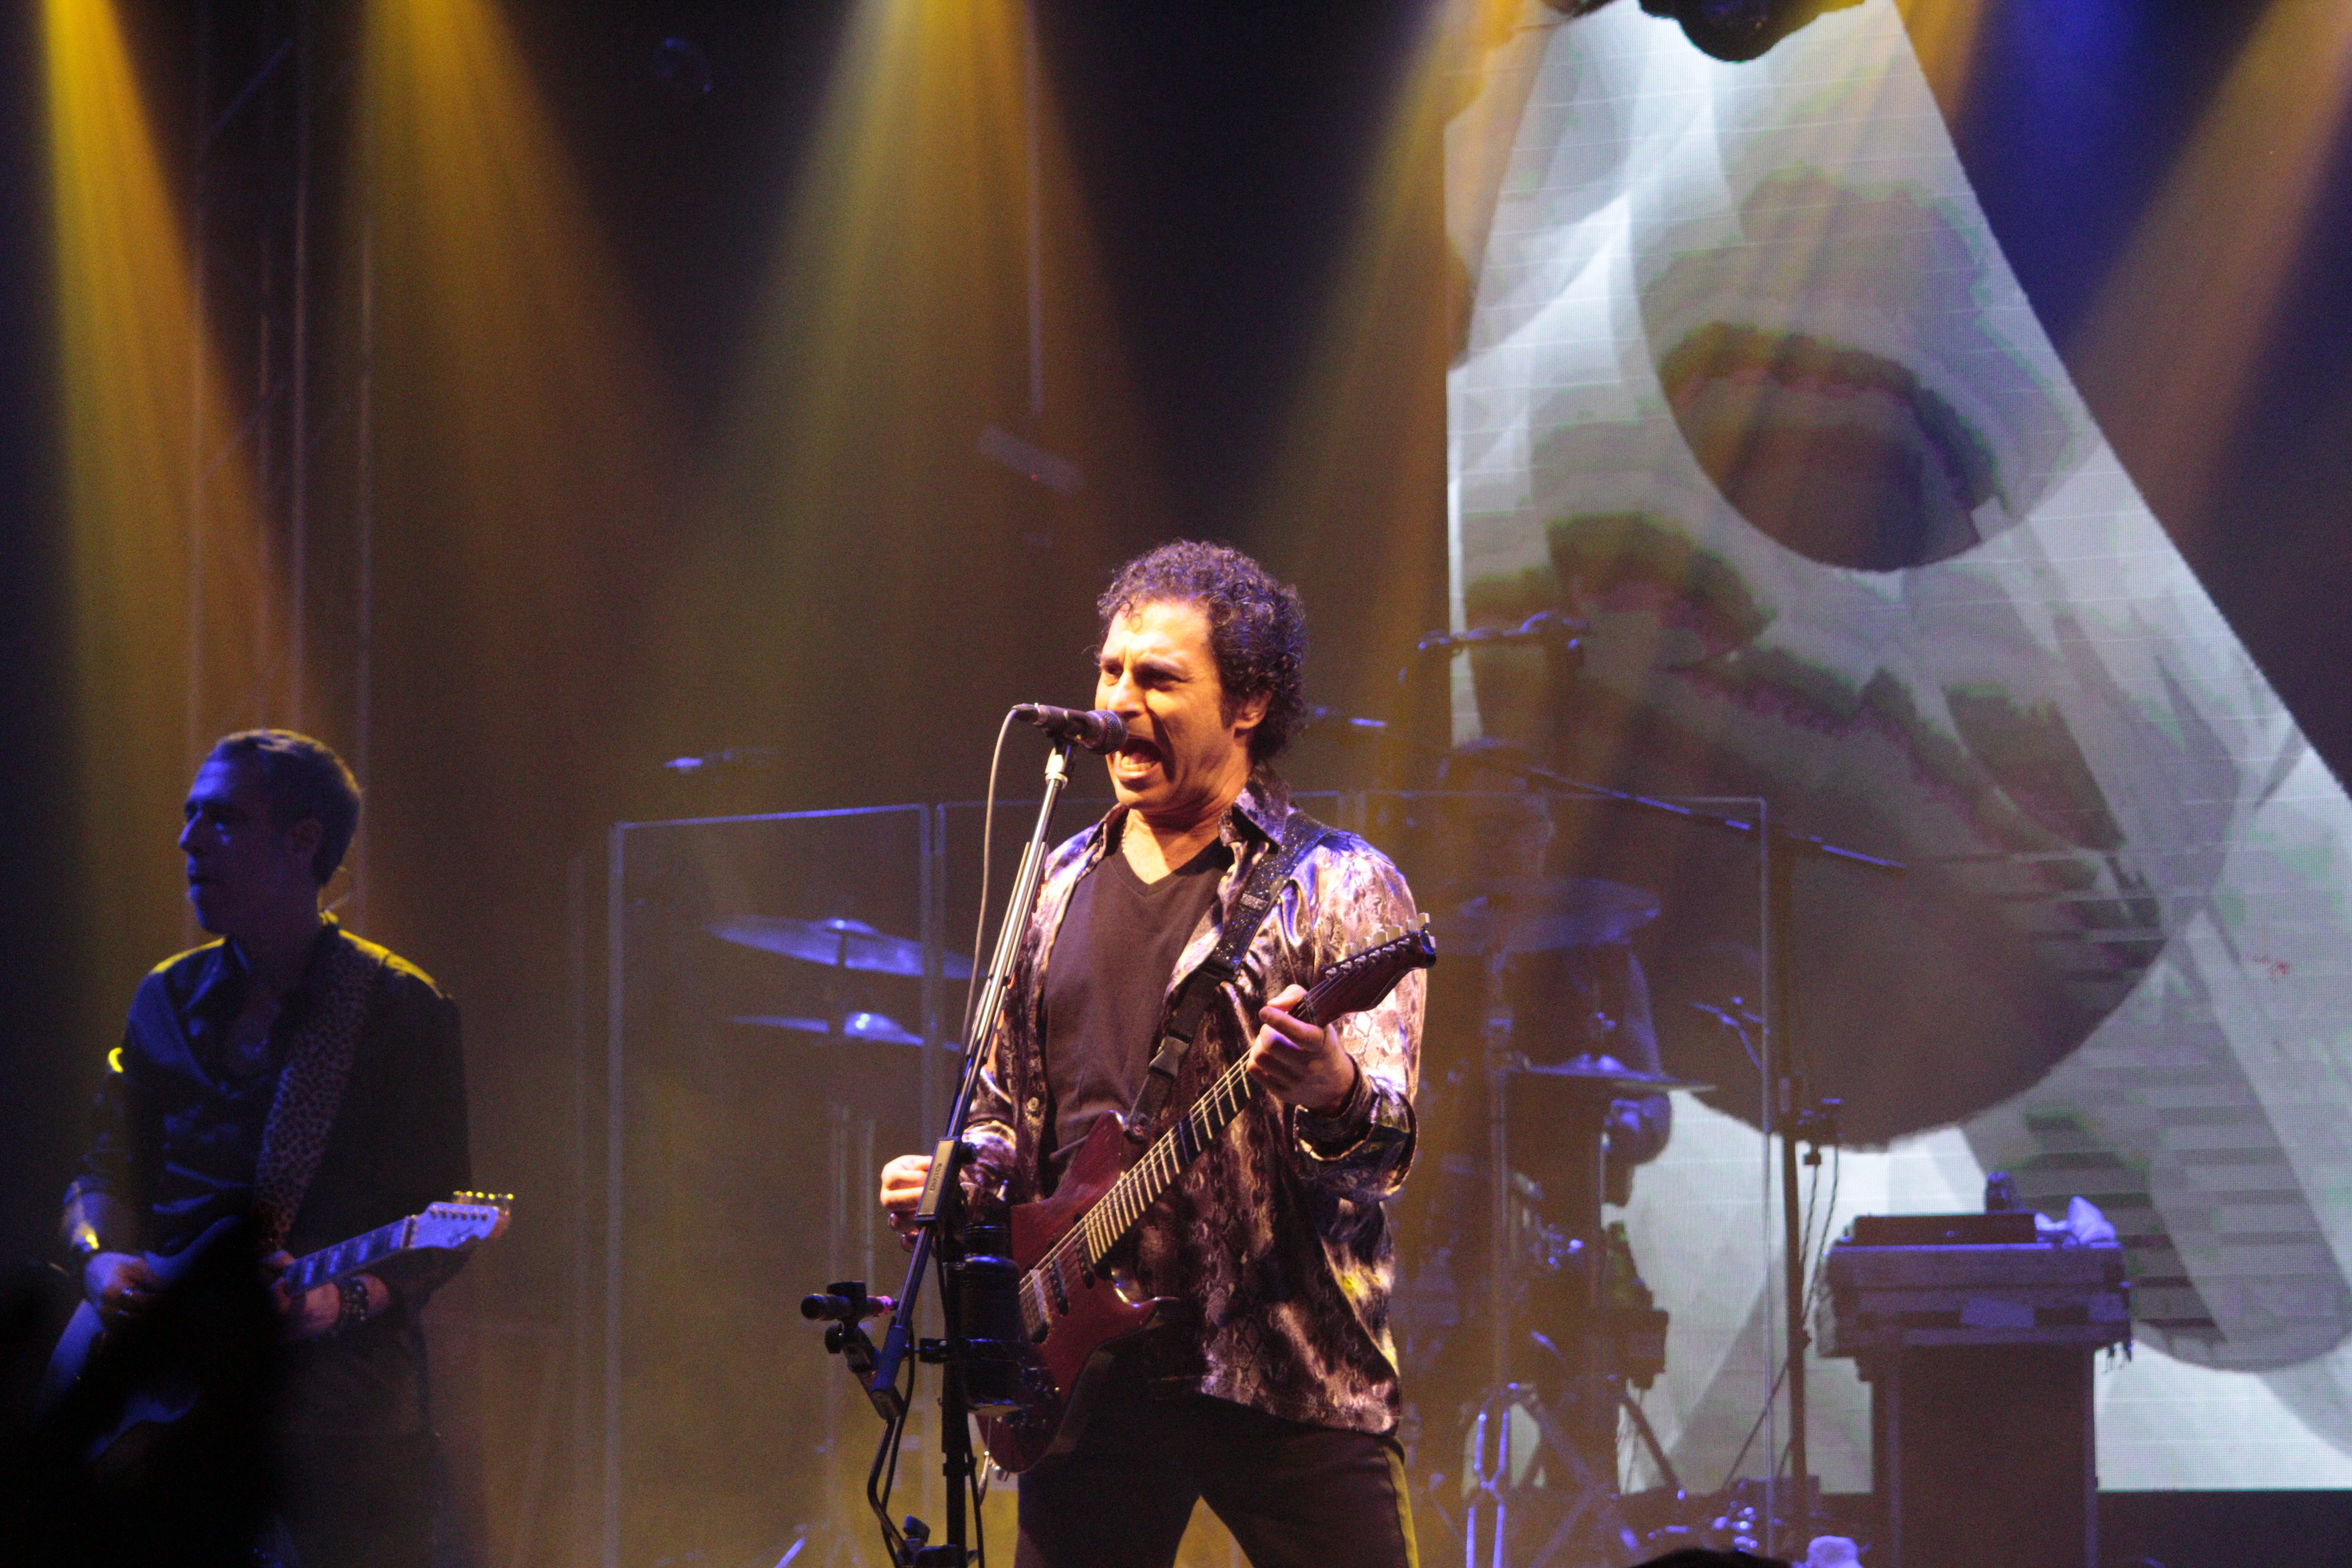 Frejat - Rock nacional de primeira linha no aniversário do Tork n' Roll